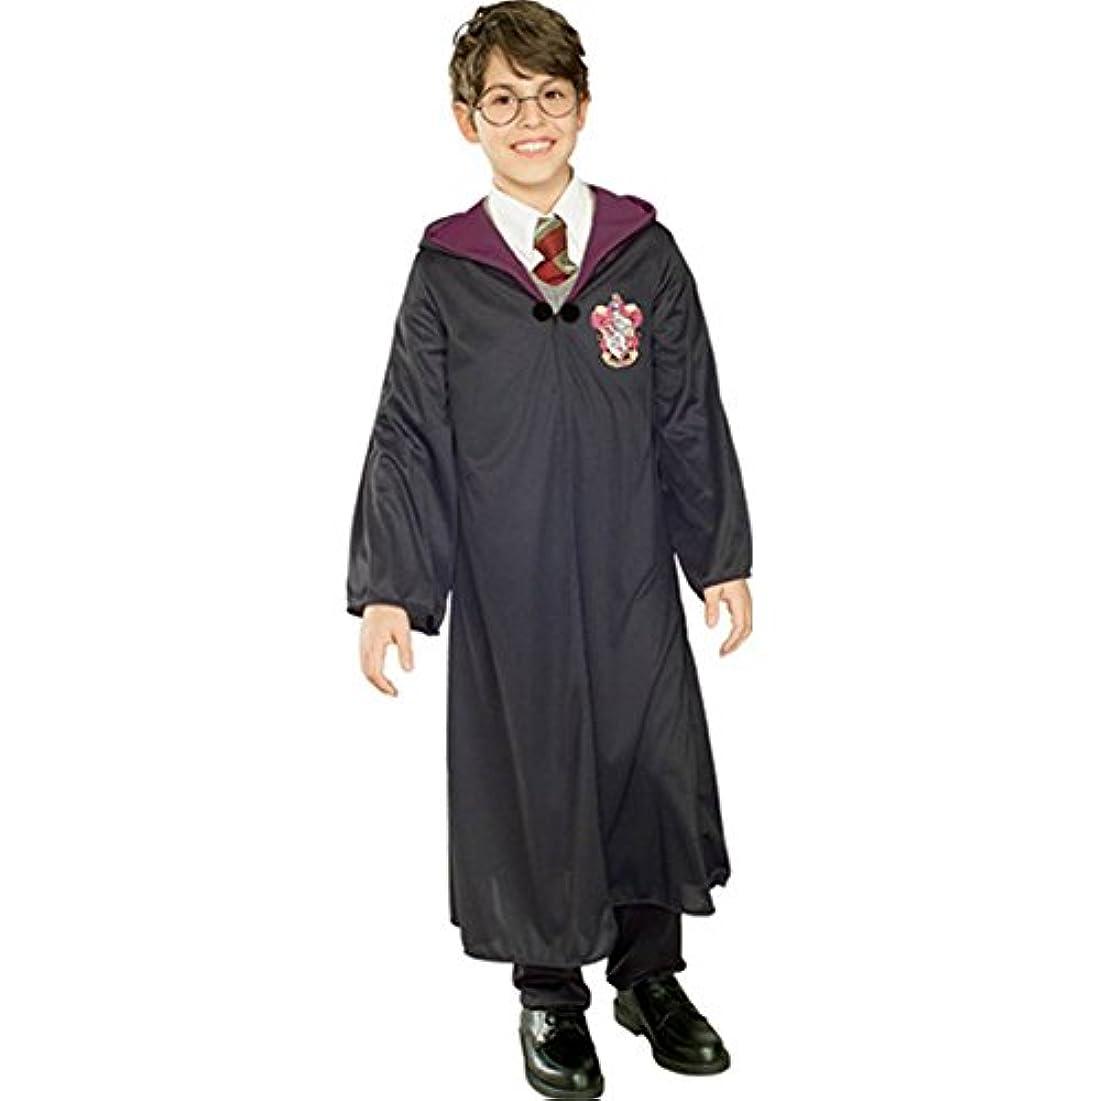 シンカンサージ耐えられないコスチューム ホグワーツ グリフィンドール 制服 ローブ (ハリー?ポッター) 子供用 Mサイズ